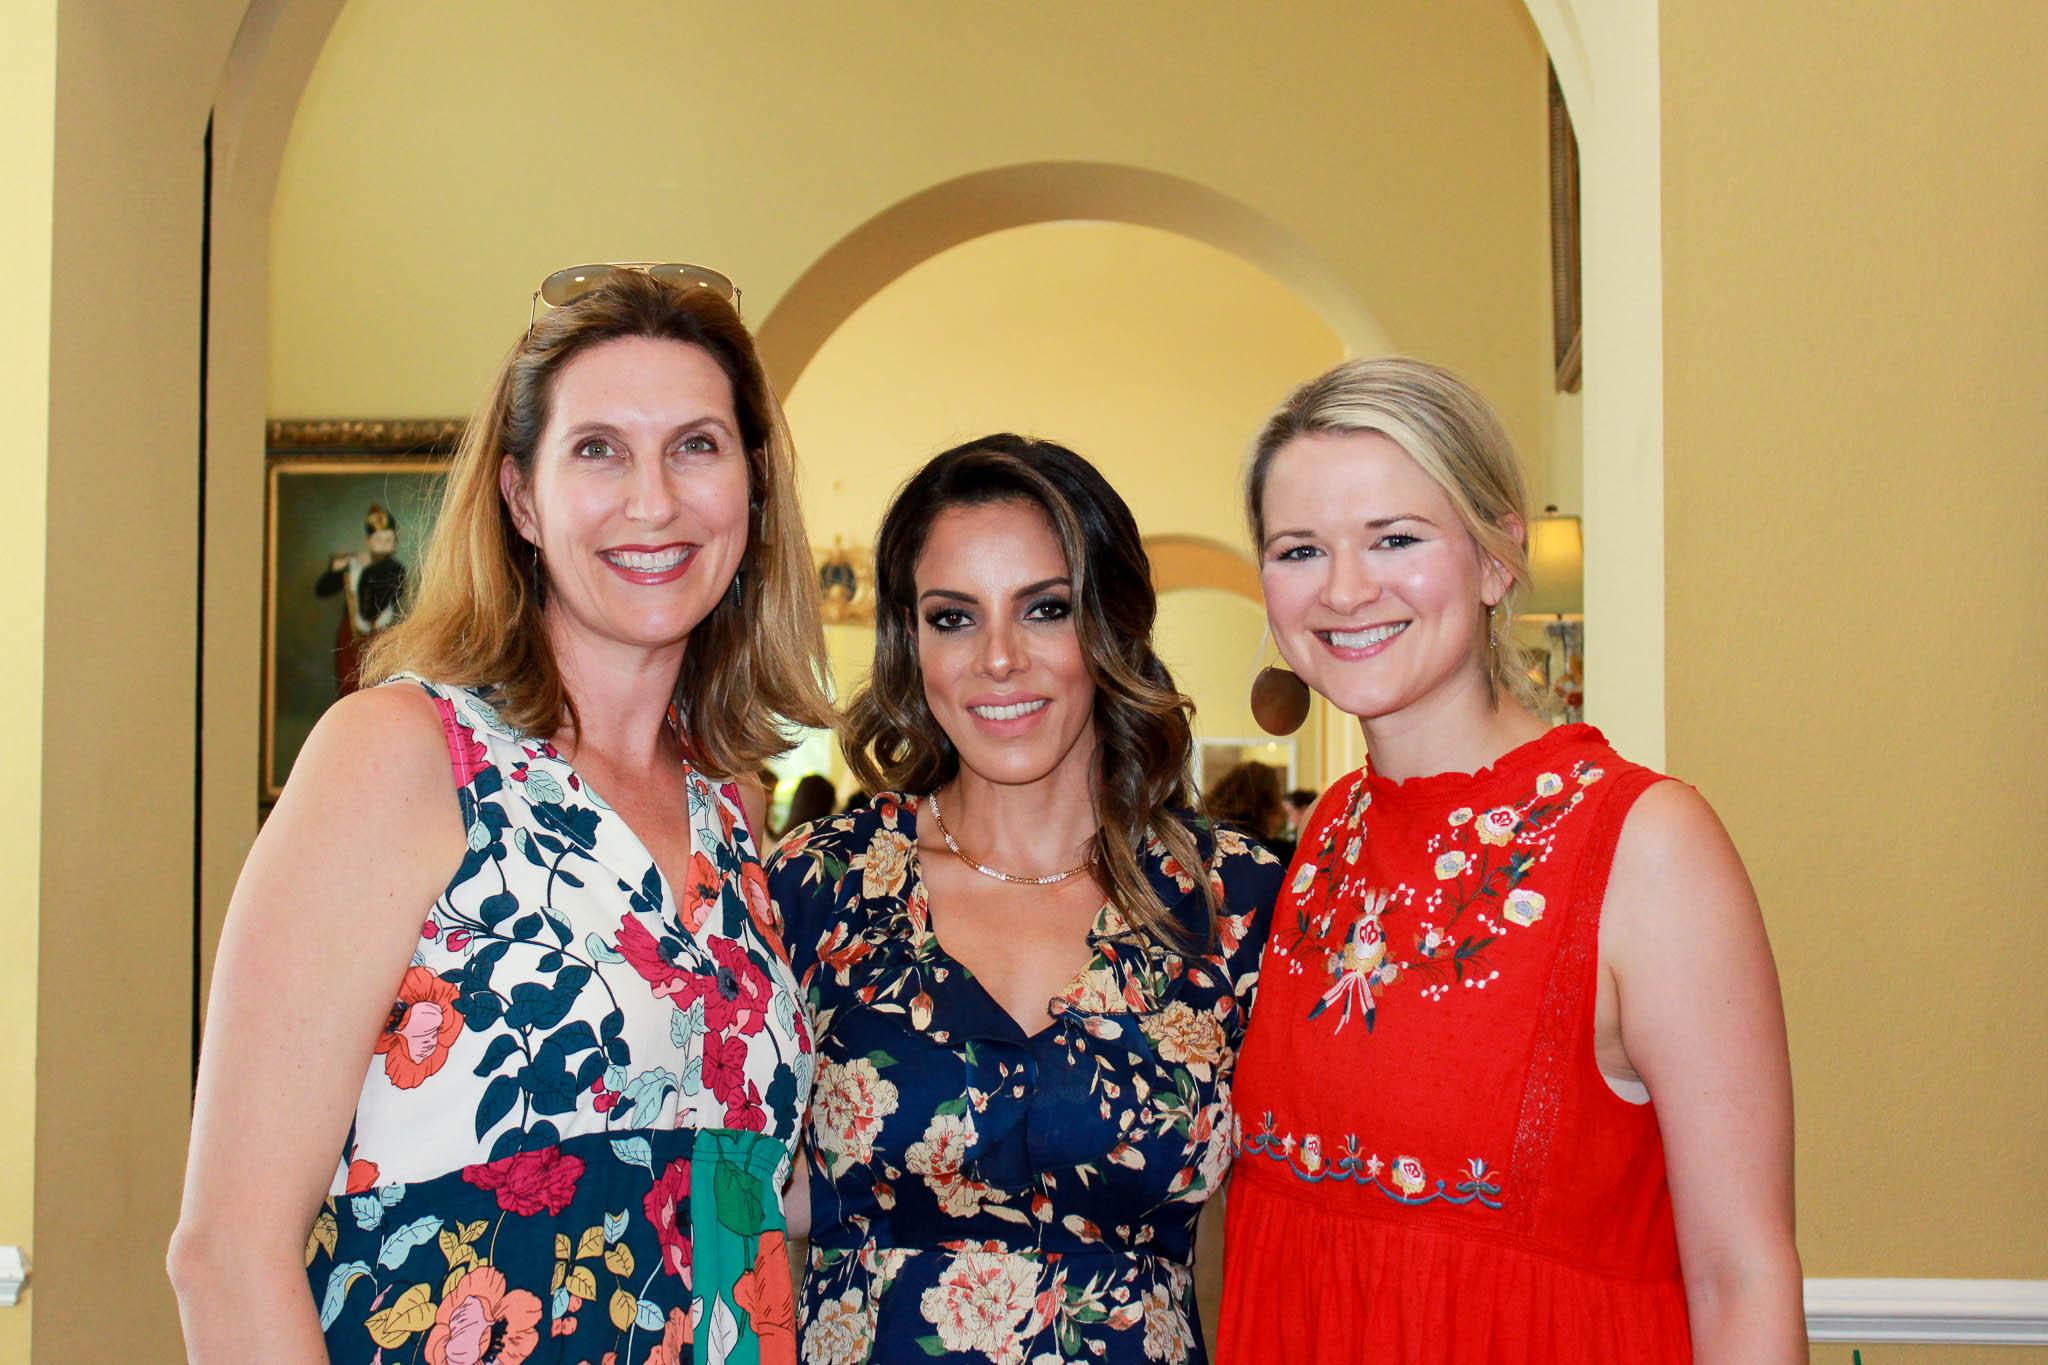 Lesley Dukelow, Layla Hazin and Liz Flippo